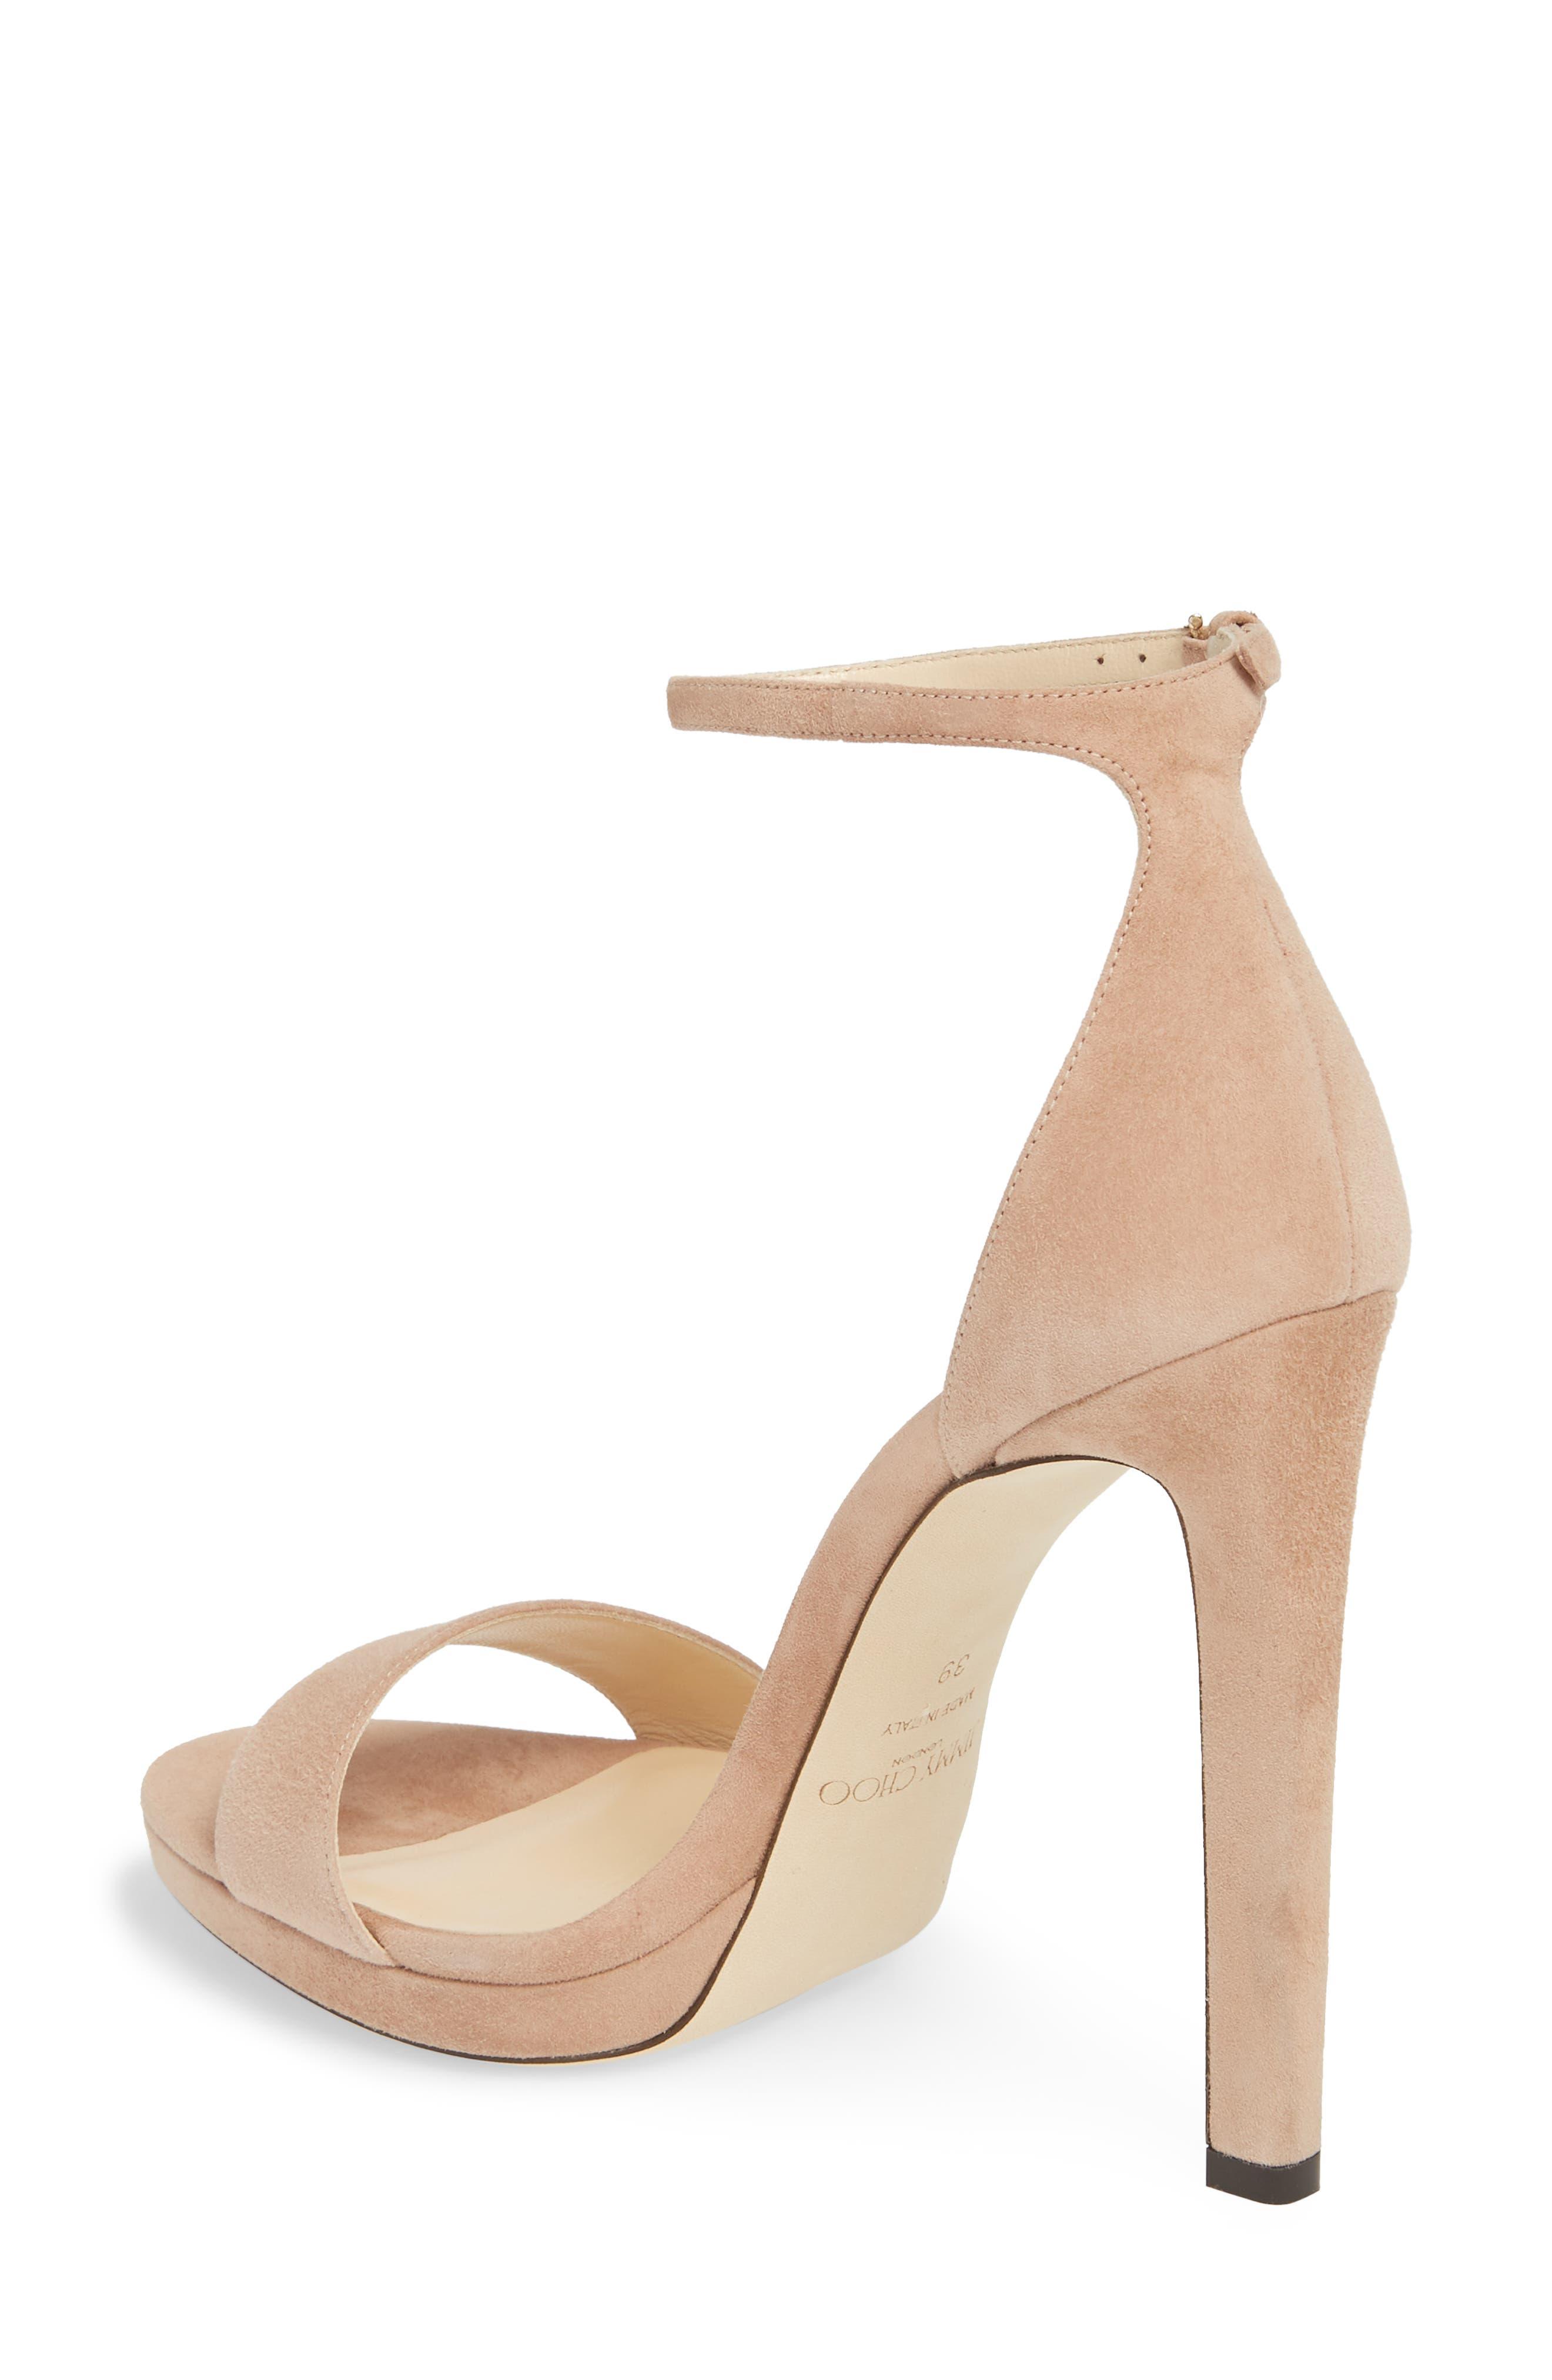 Misty Platform Sandal,                             Alternate thumbnail 2, color,                             Ballet Pink